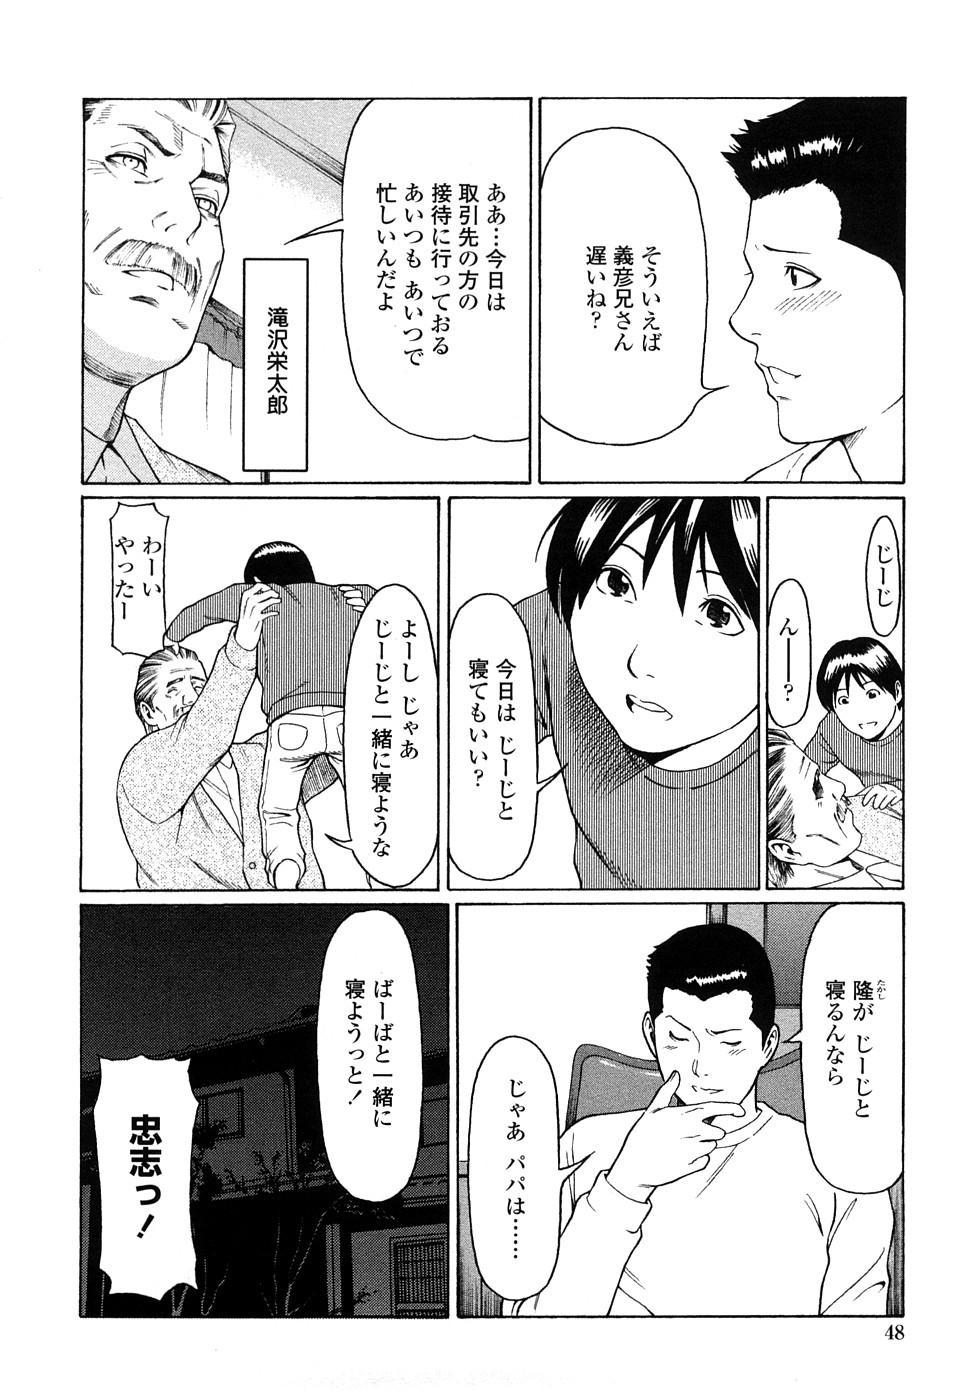 Etsuraku no Tobira - The Door of Sexual Pleasure 46